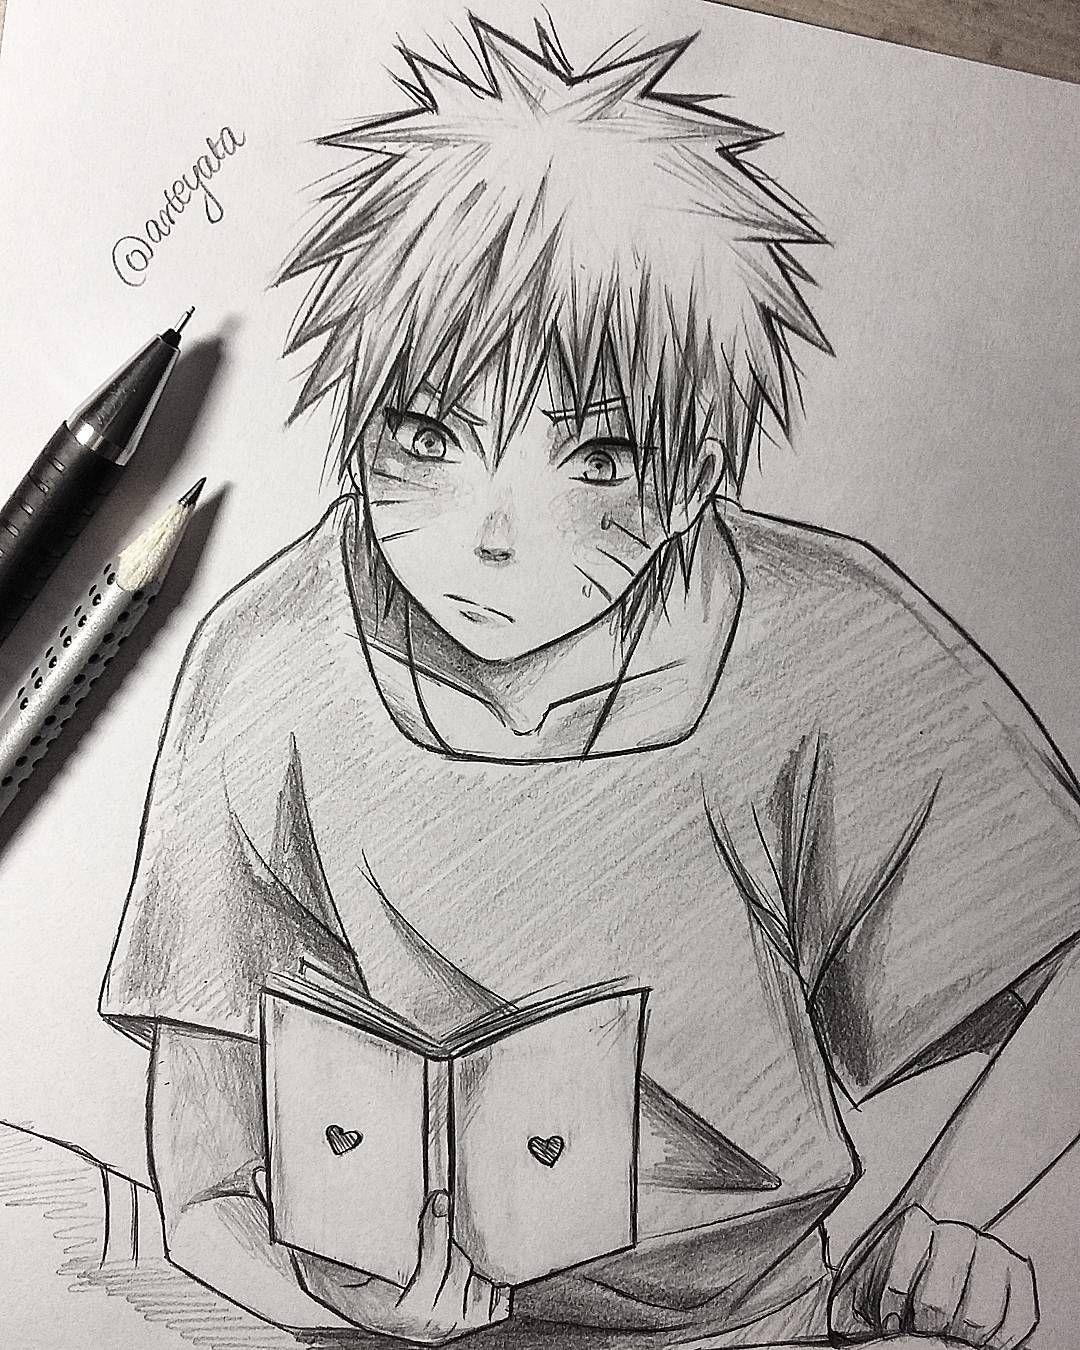 Manga Dessin Naruto Facile intérieur Dessin Facile Naruto